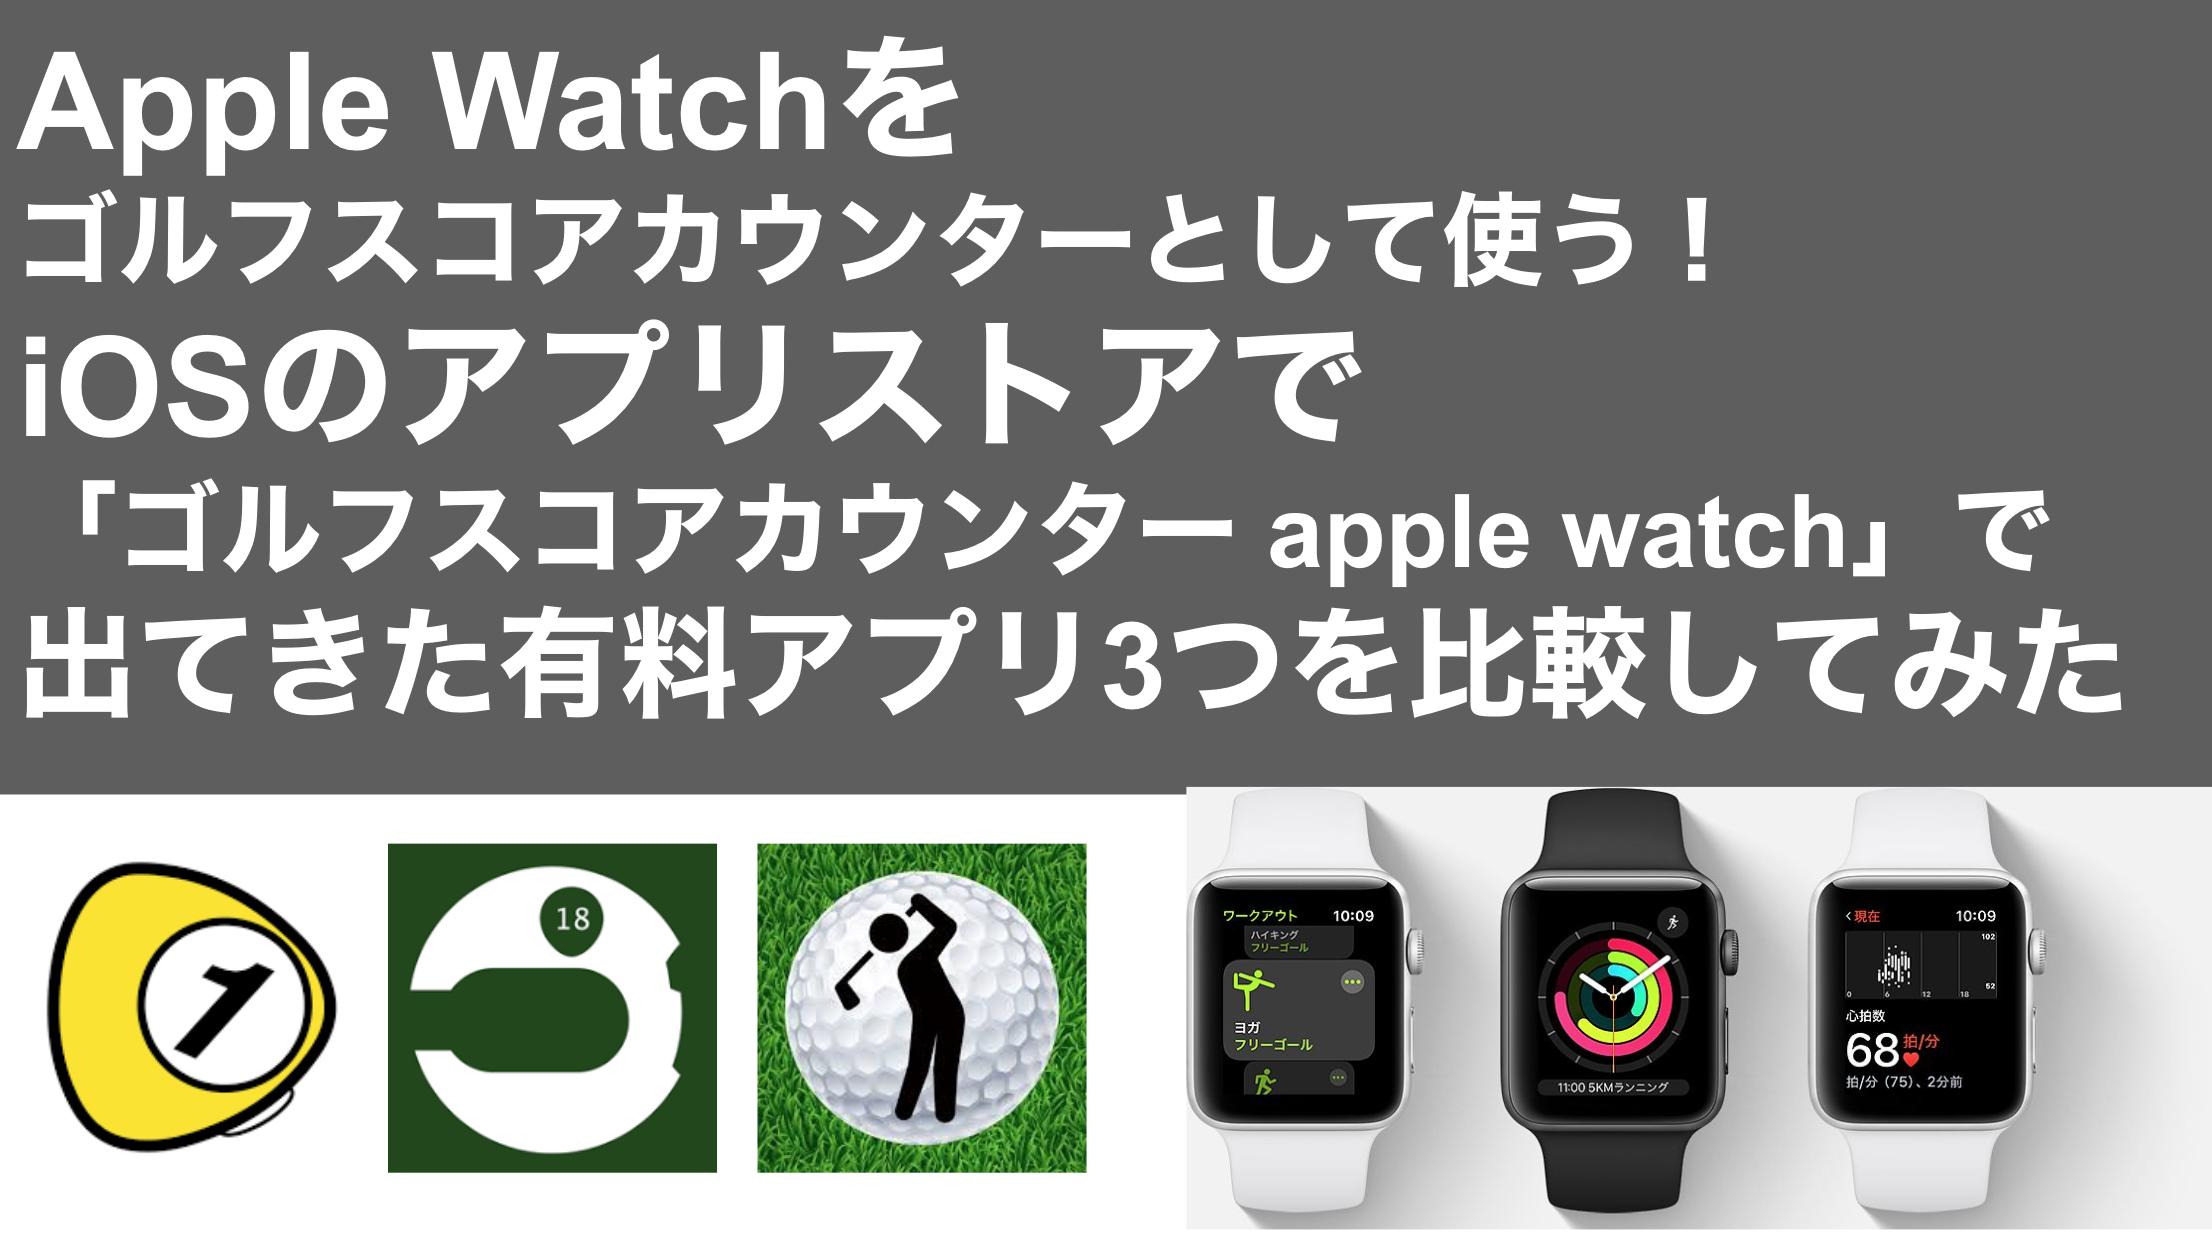 おすすめゴルフアプリドットコム_Apple Watchをゴルフスコアカウンターとして使う!iOSのアプリストアで「ゴルフスコアカウンター apple watch」で出てきた有料アプリ3つを比較してみた